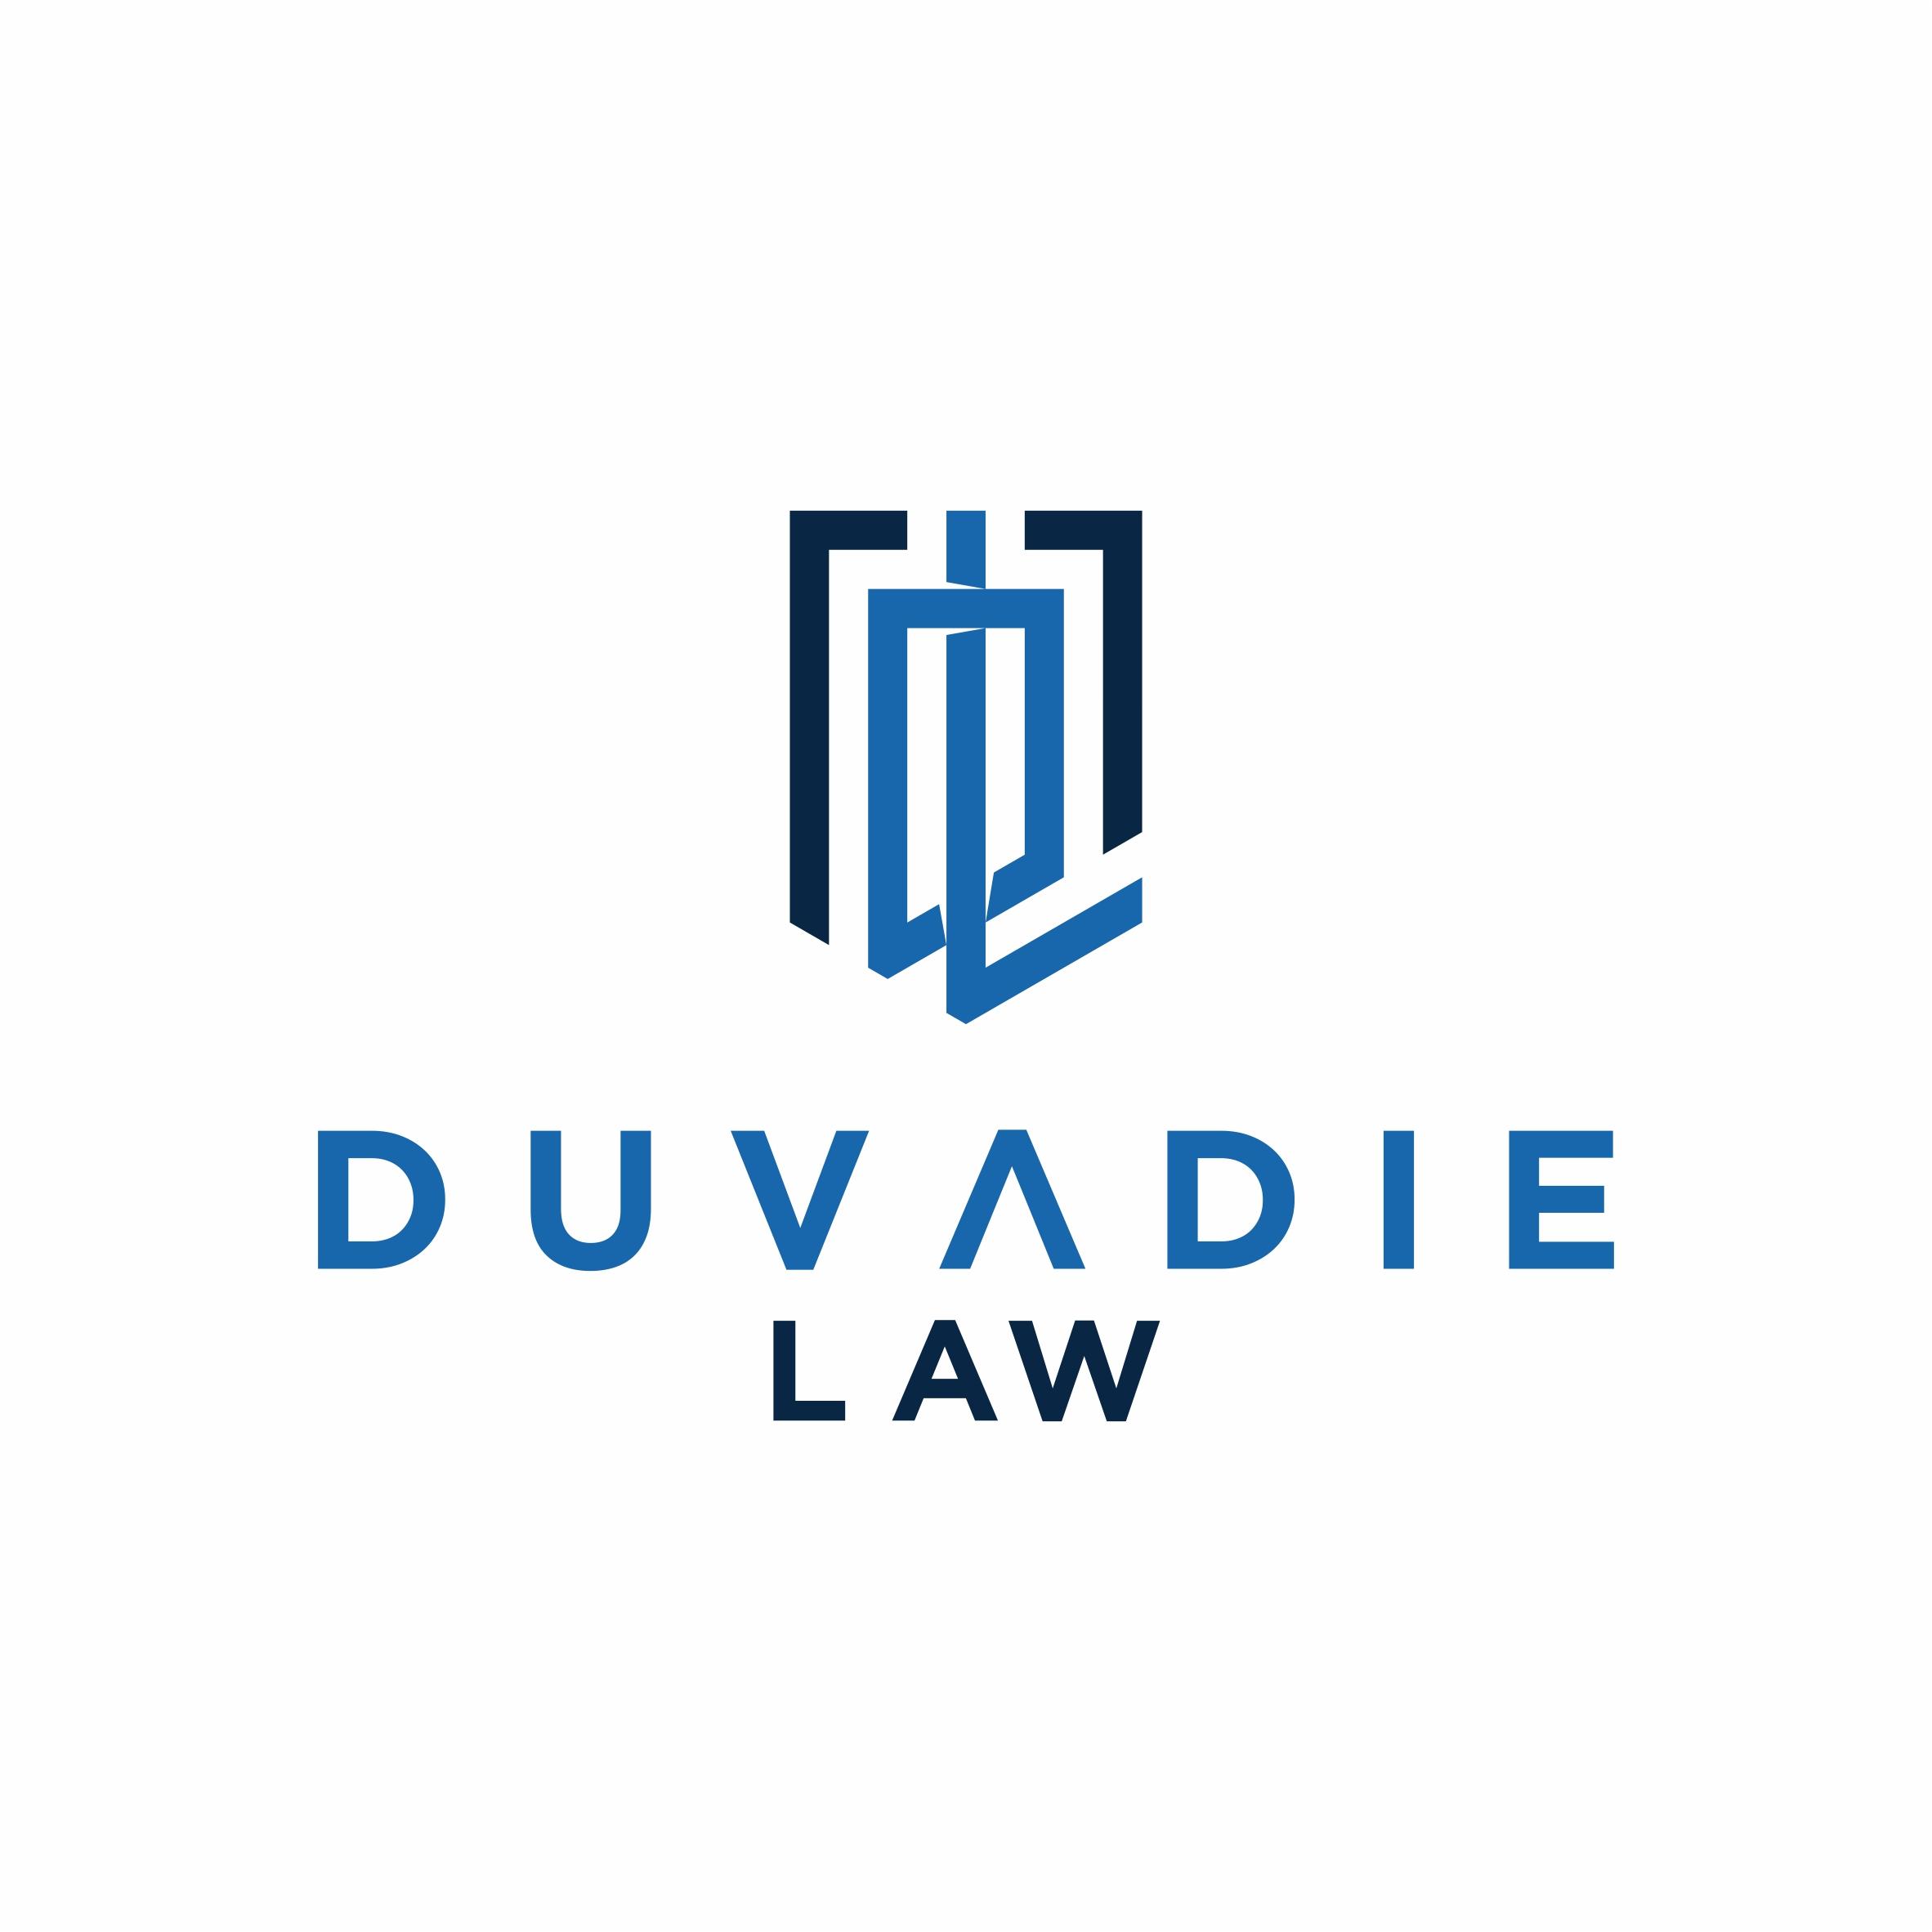 DUVADIE Law